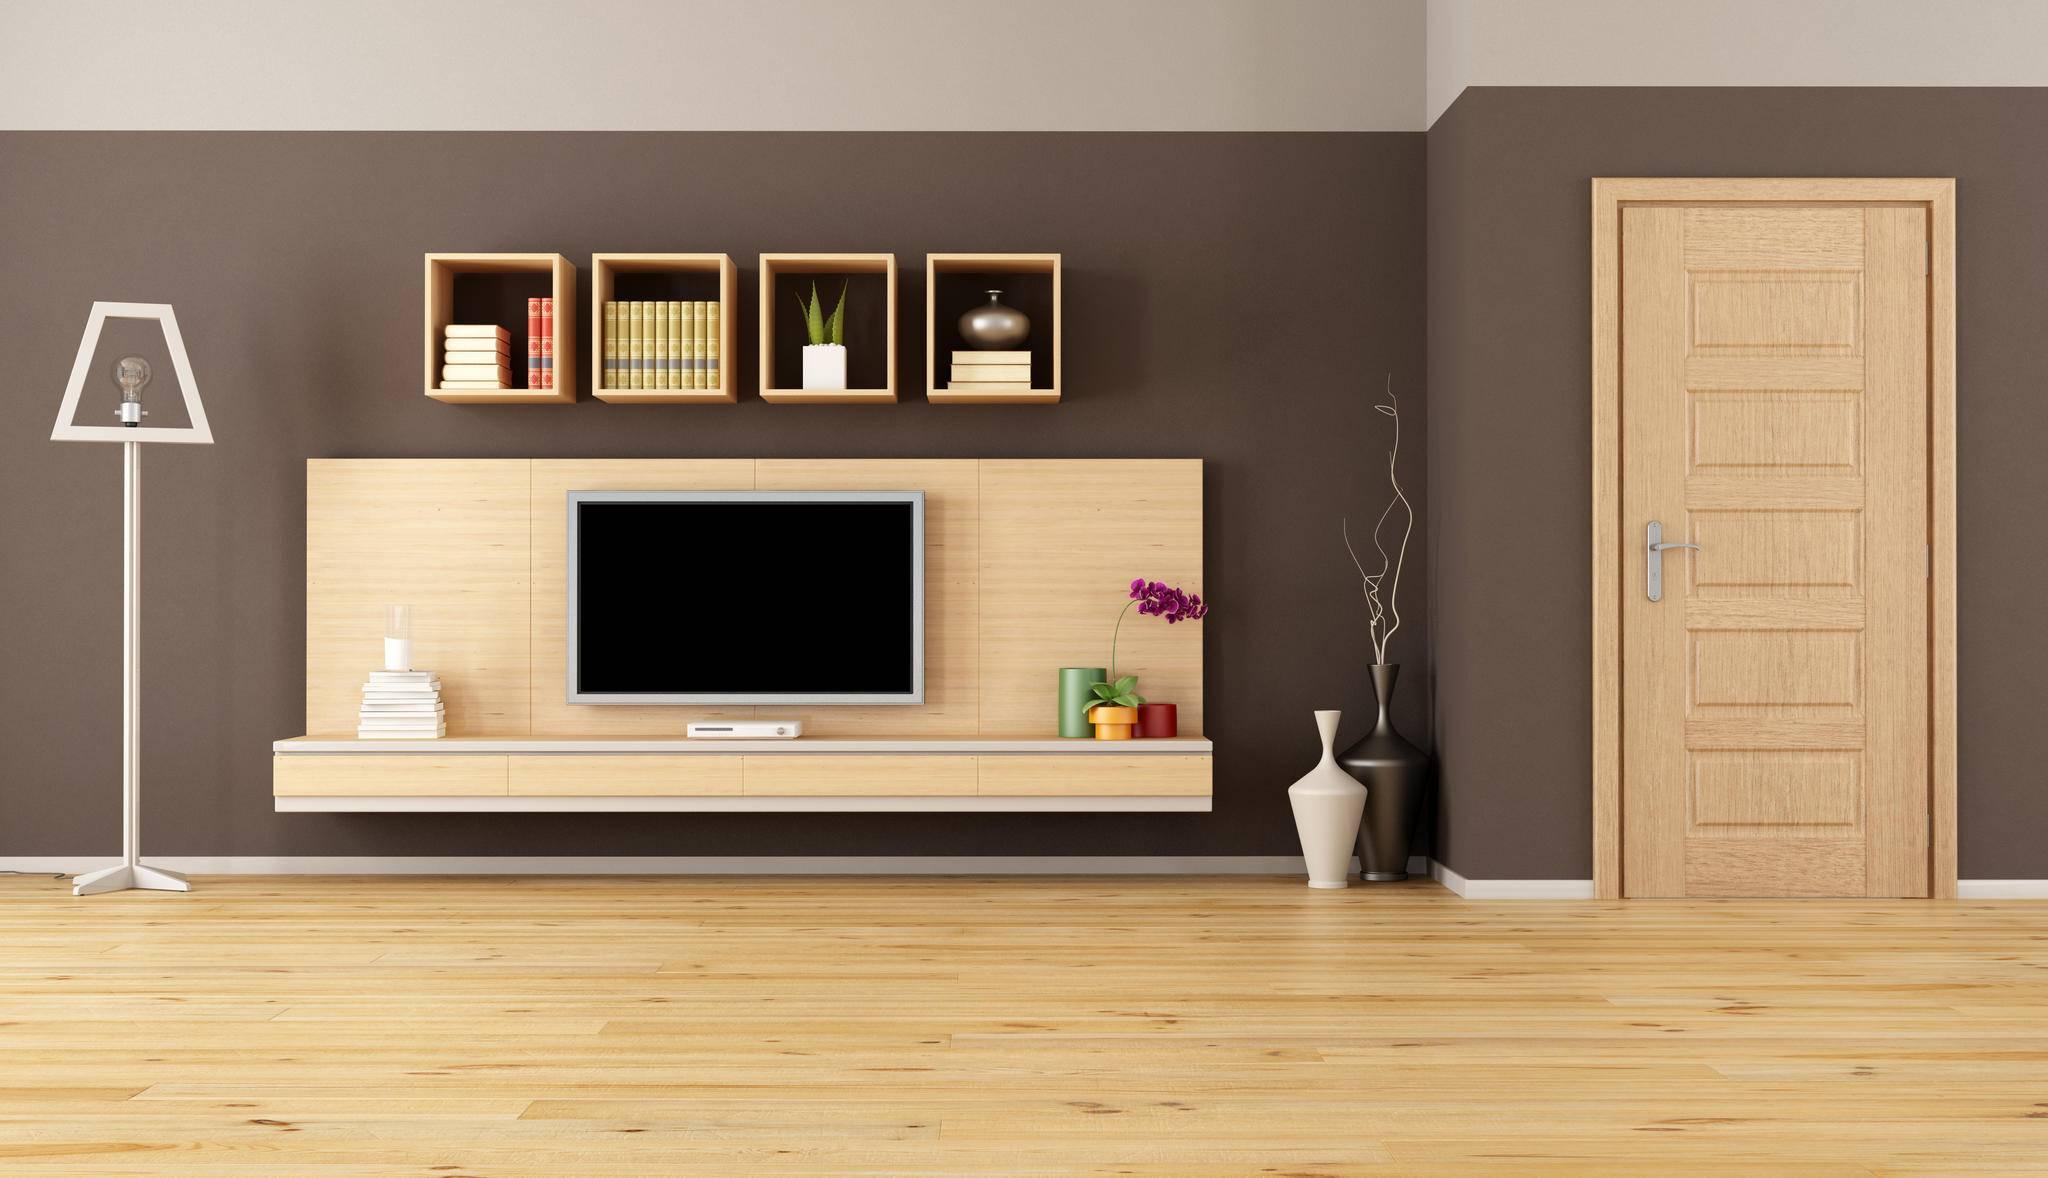 perfekt integriert: so lässt sich der fernseher verstecken, Wohnzimmer